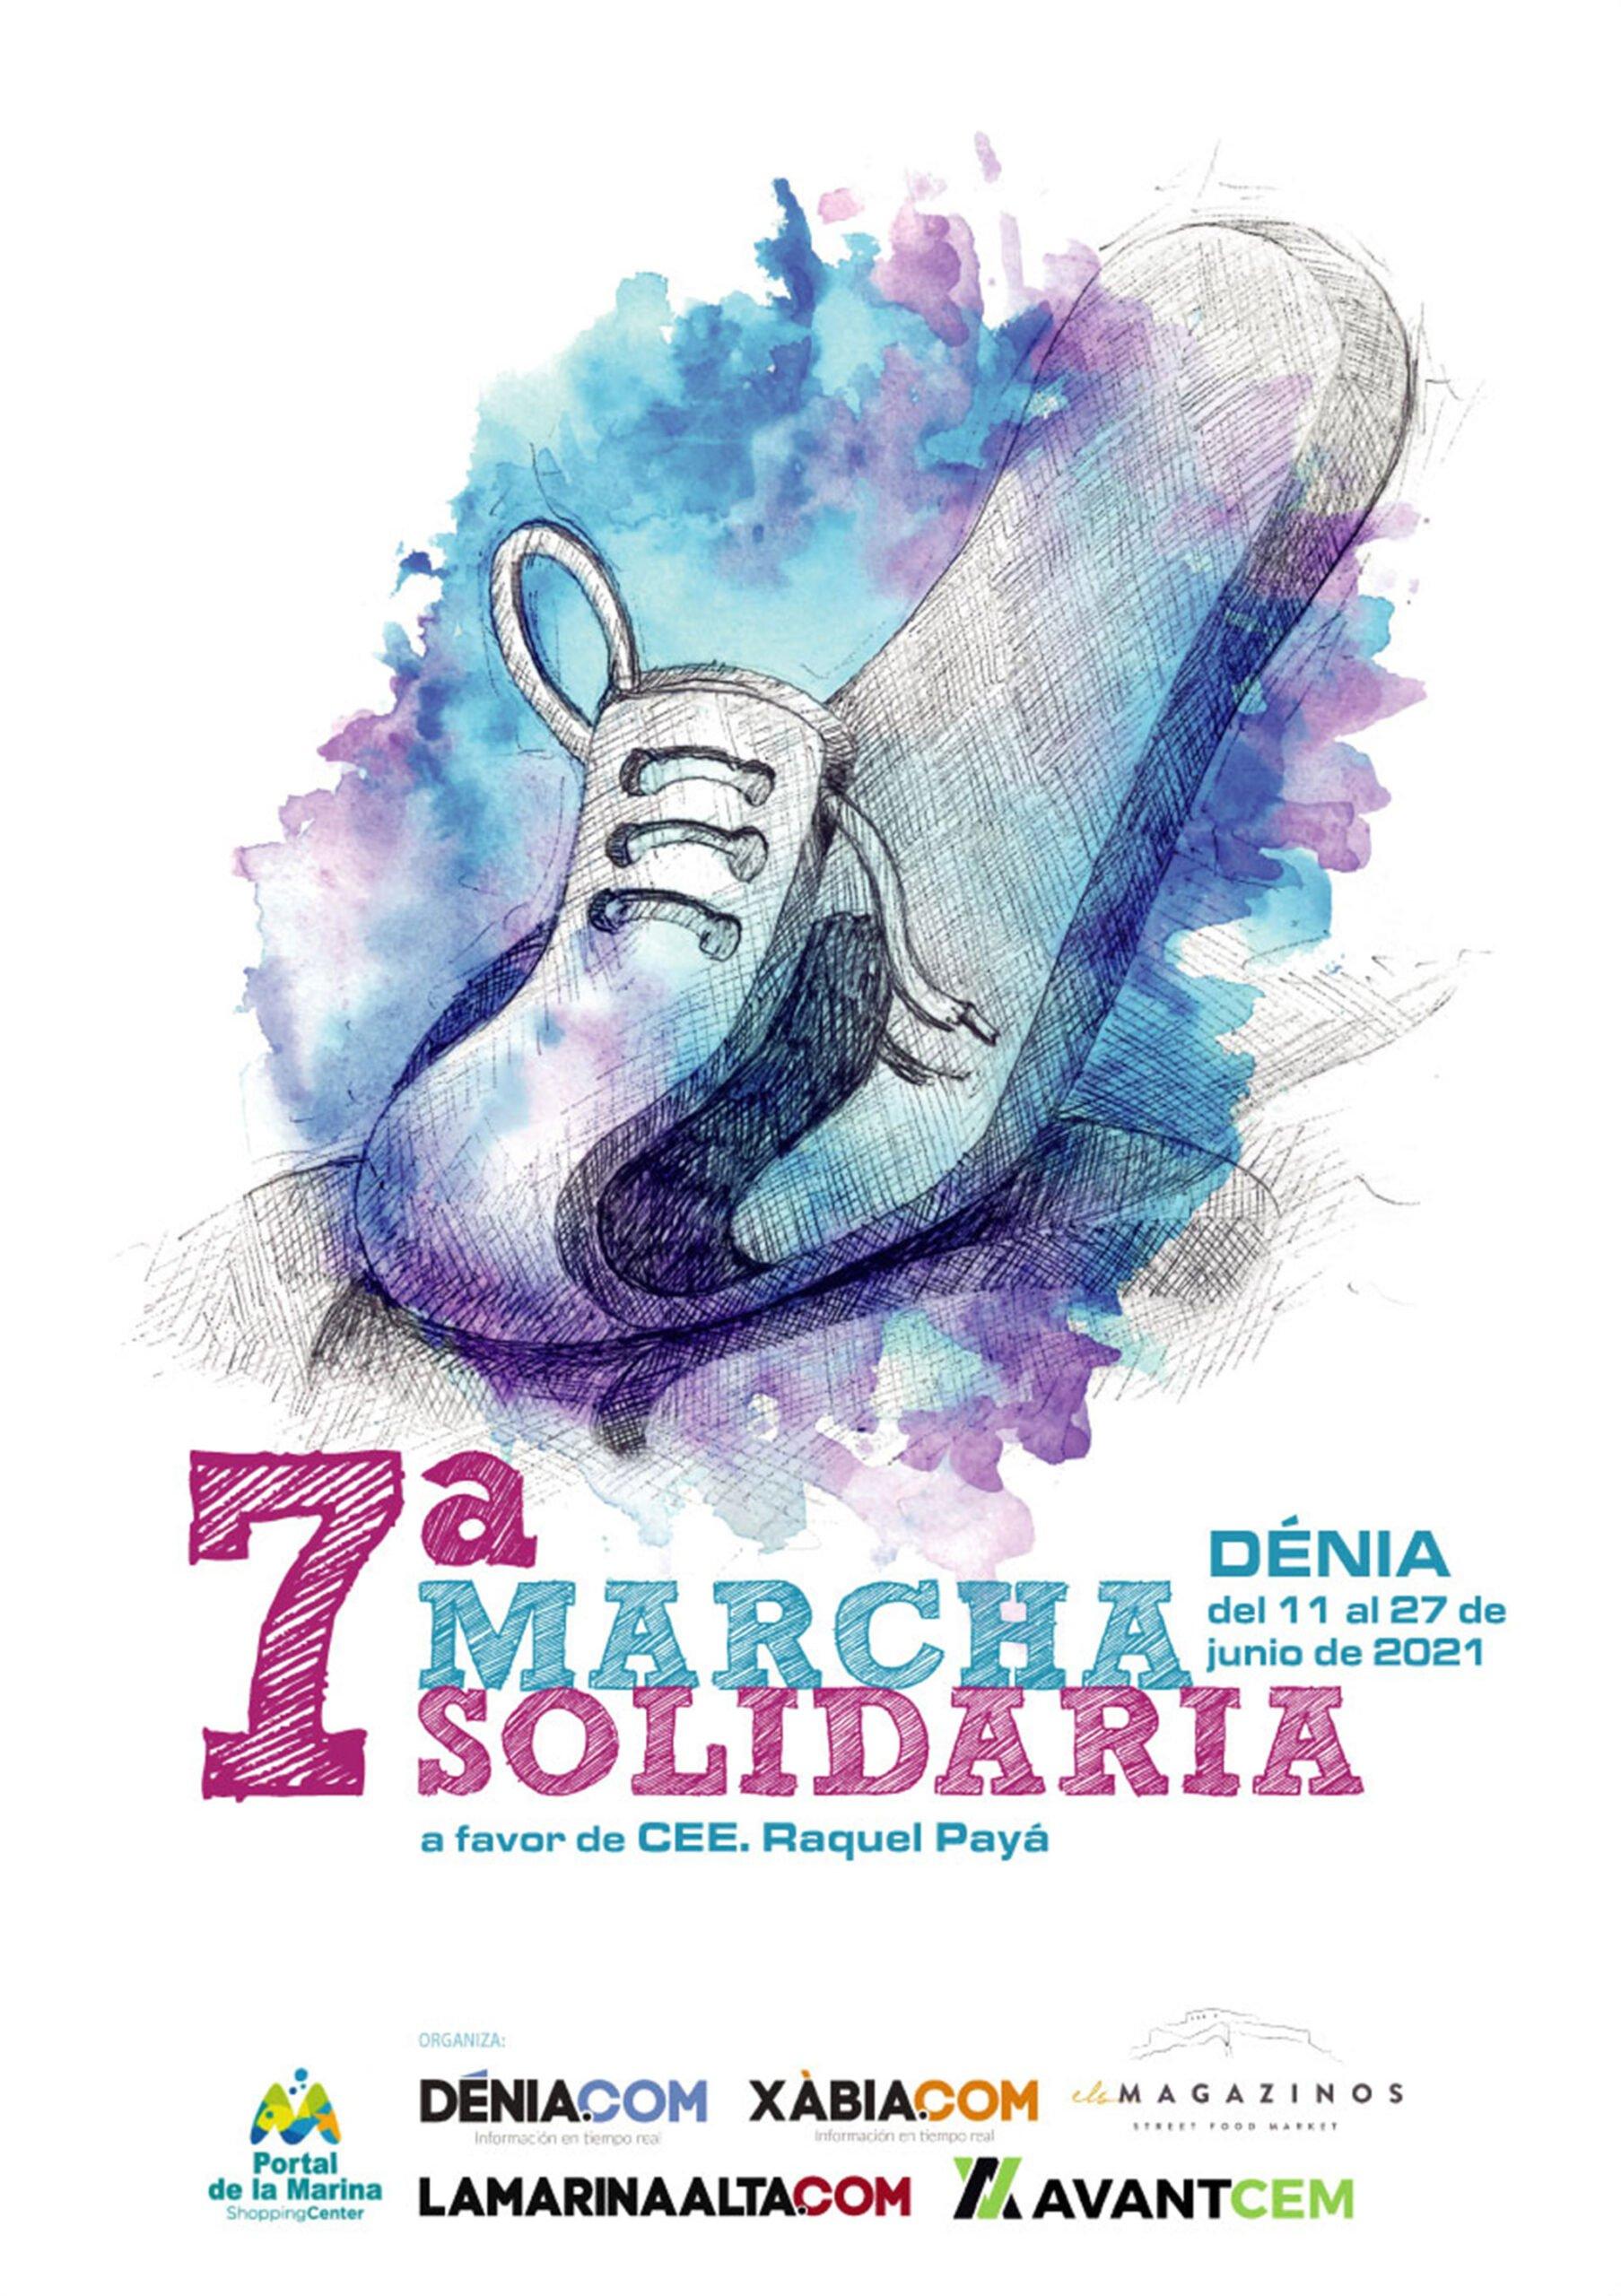 Cartel de la 7ª Marcha Solidaria de Dénia